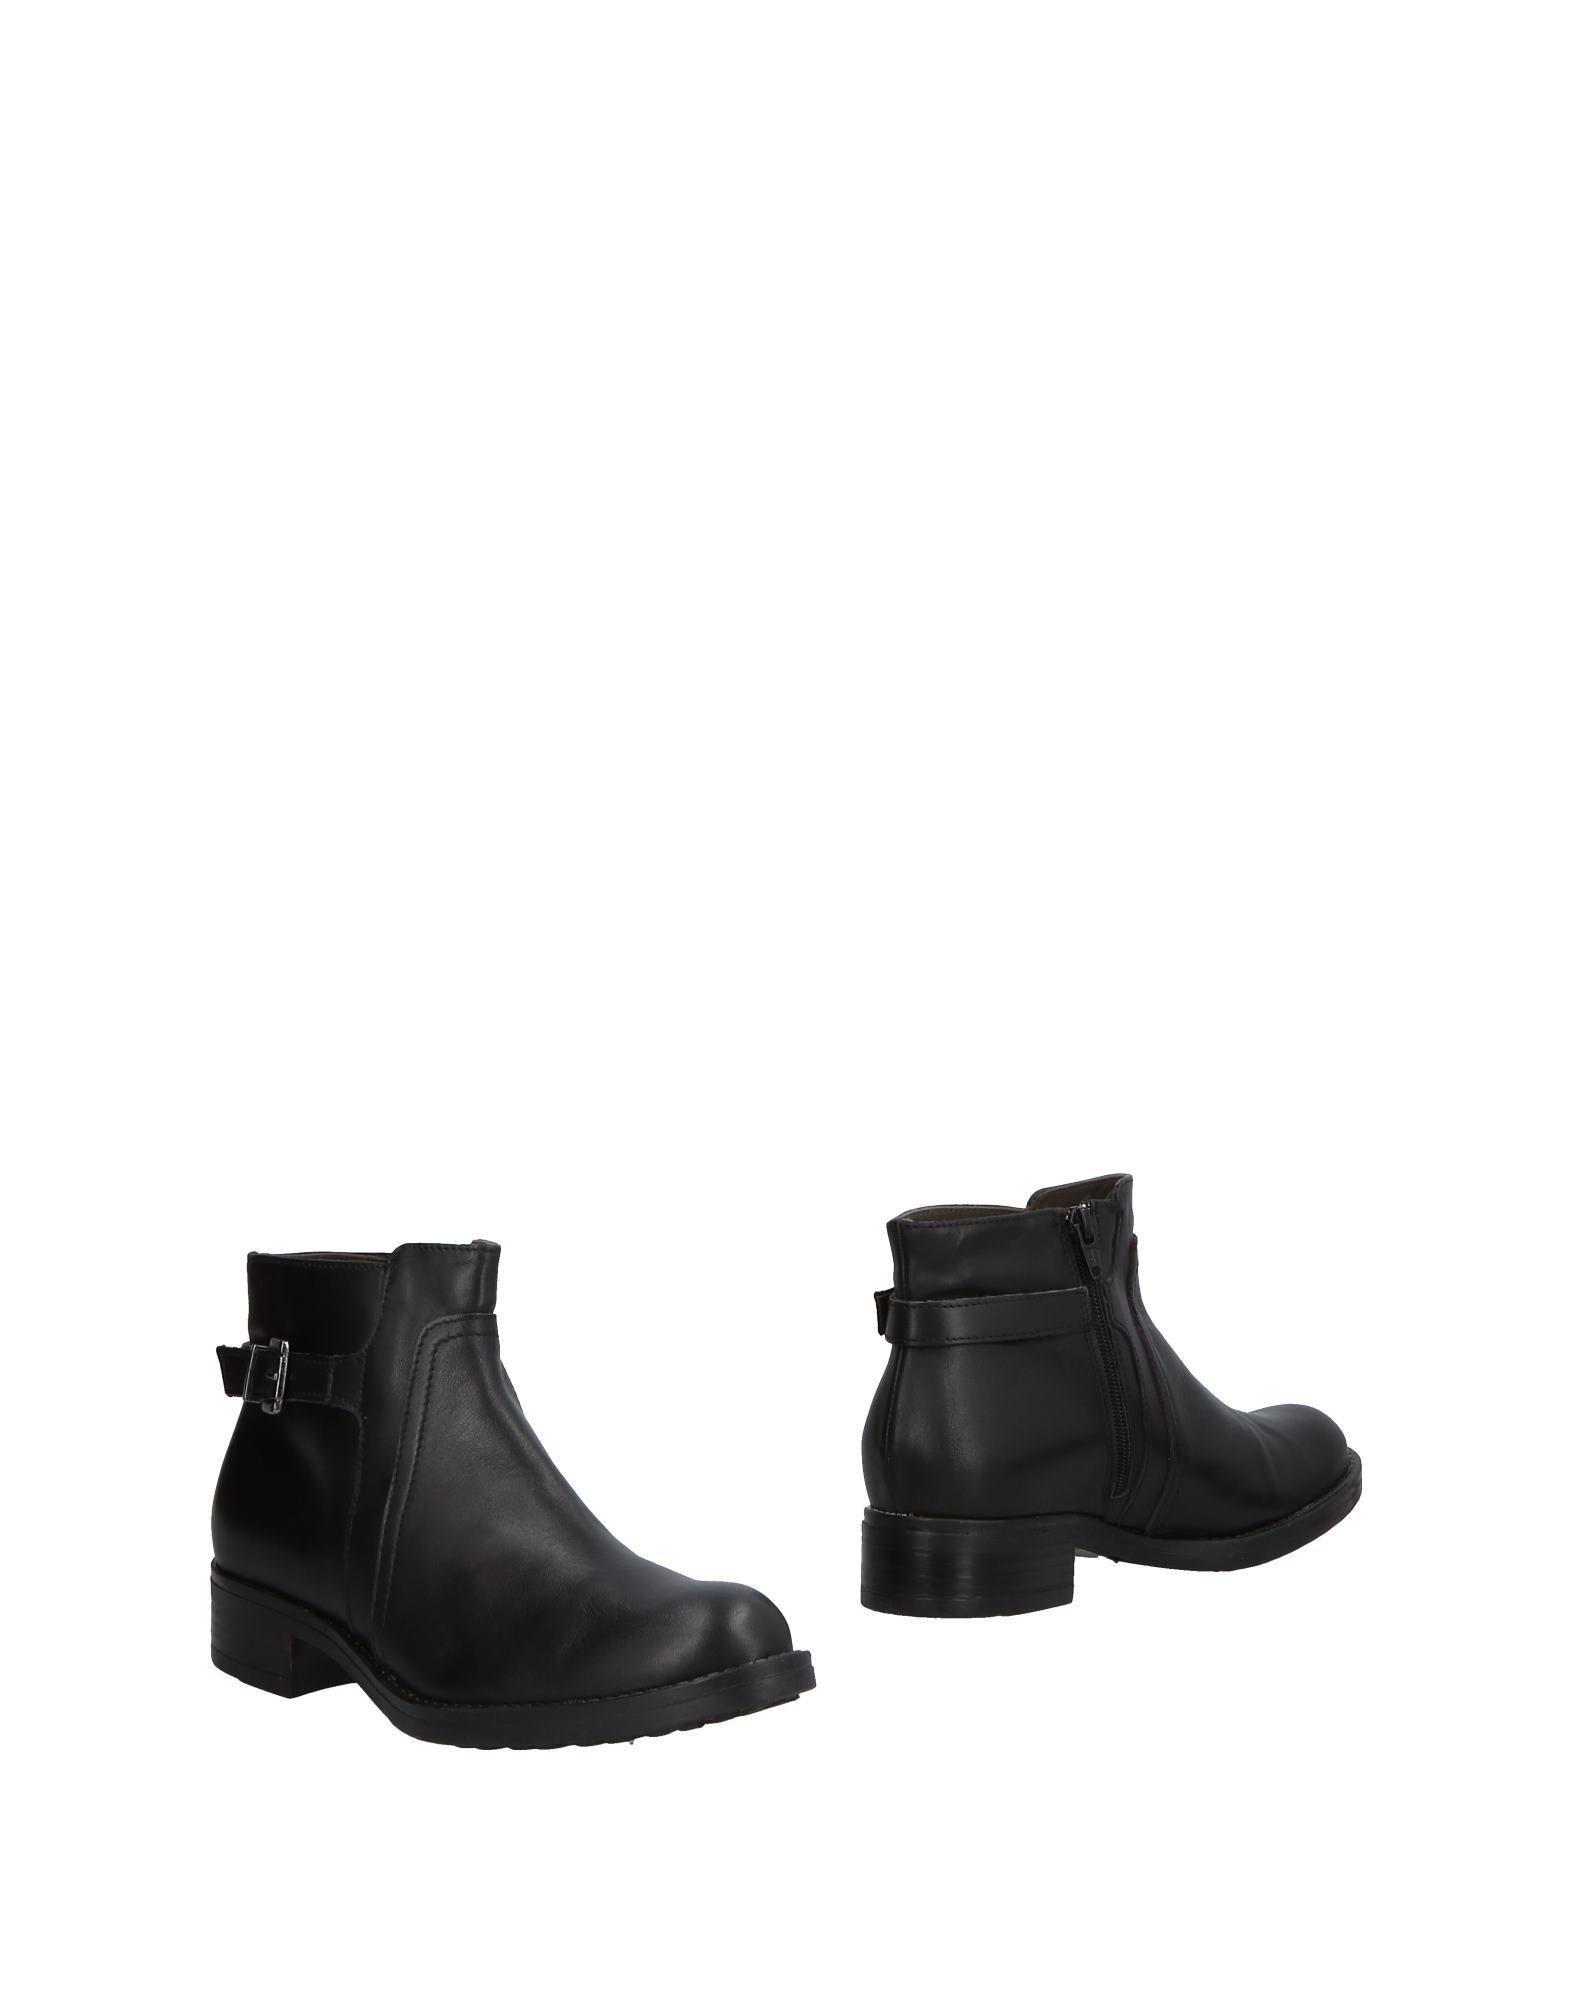 Donna Più Stiefelette Damen  11498333NN Gute Qualität beliebte Schuhe